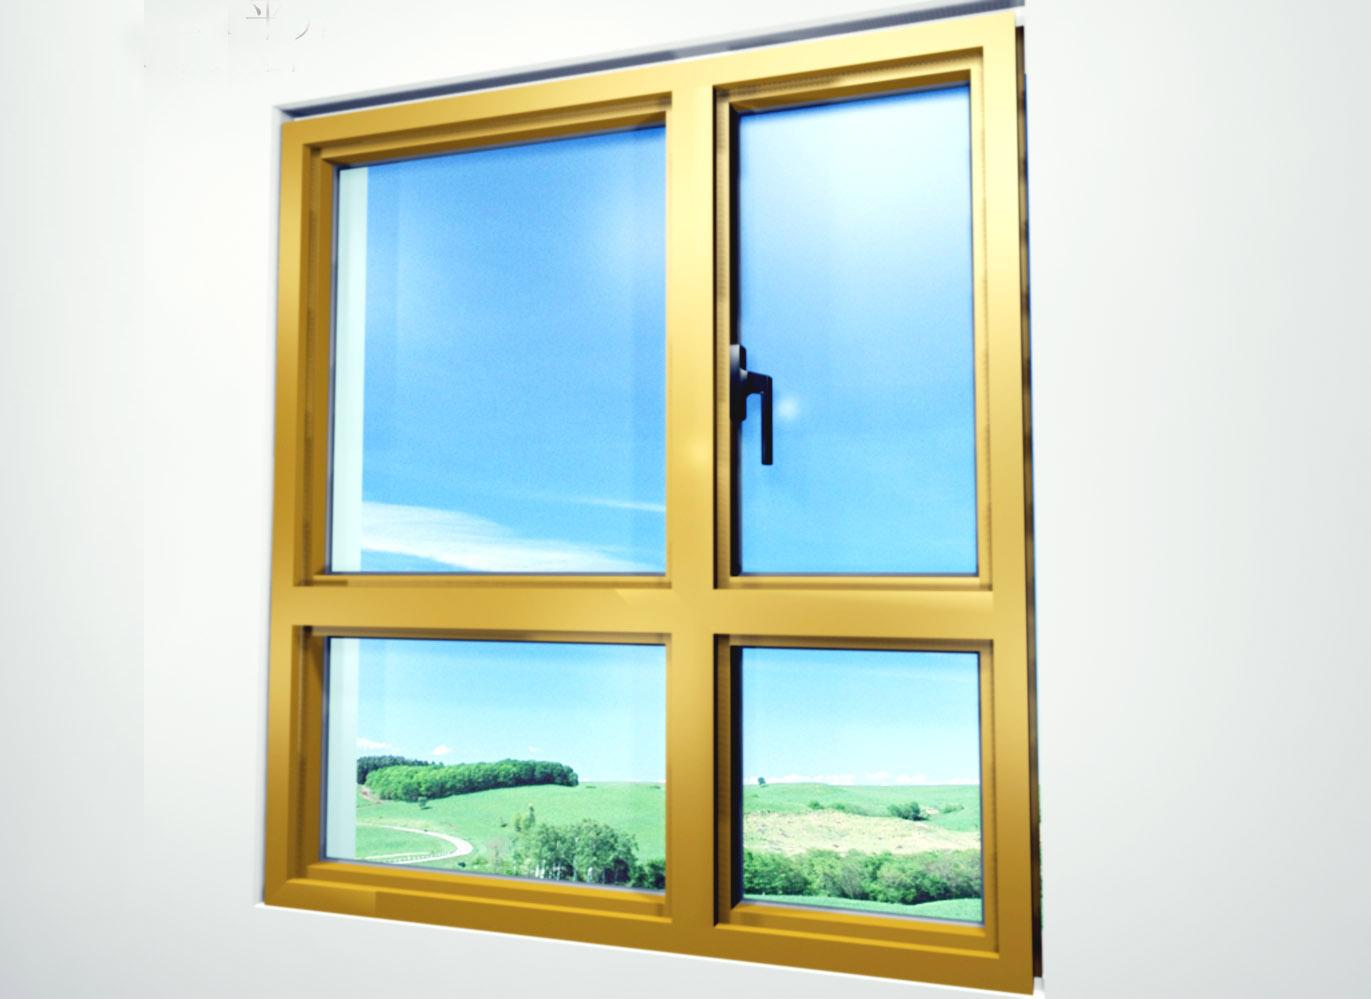 chocia okna te nie s zbyt cz sto wykorzystywane to jednak